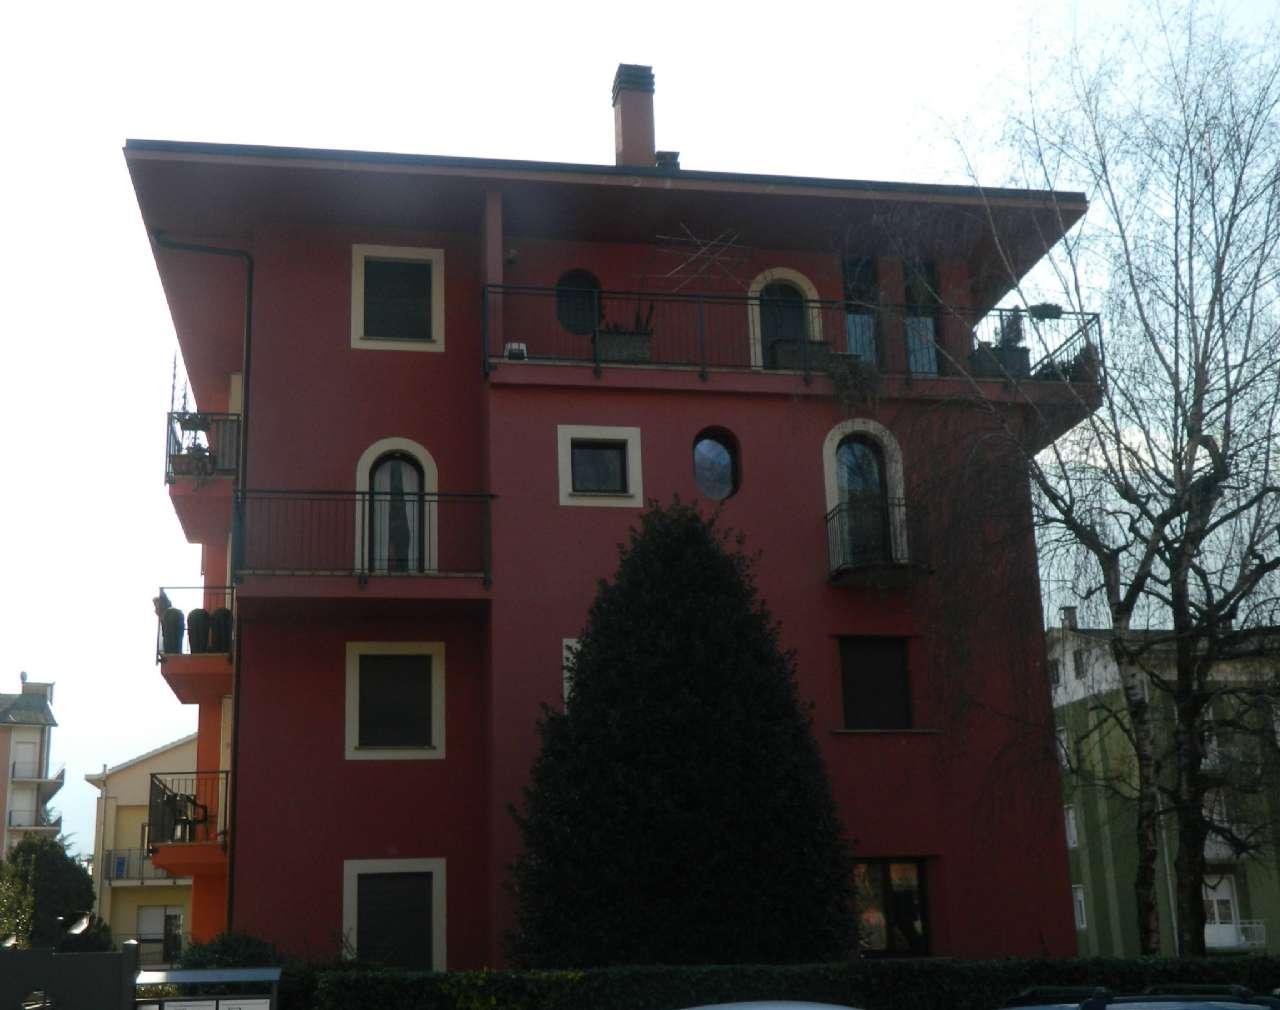 Appartamento 6 locali in vendita a Sondrio (SO)